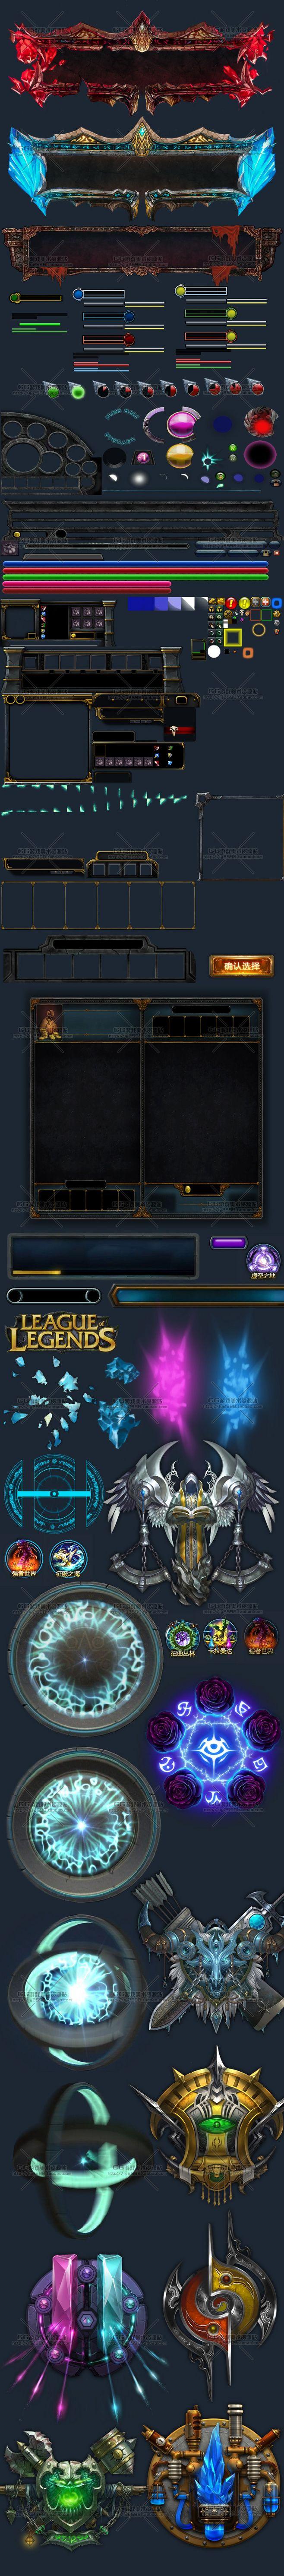 LOL英雄联盟登陆UI界面 全套游戏IC...